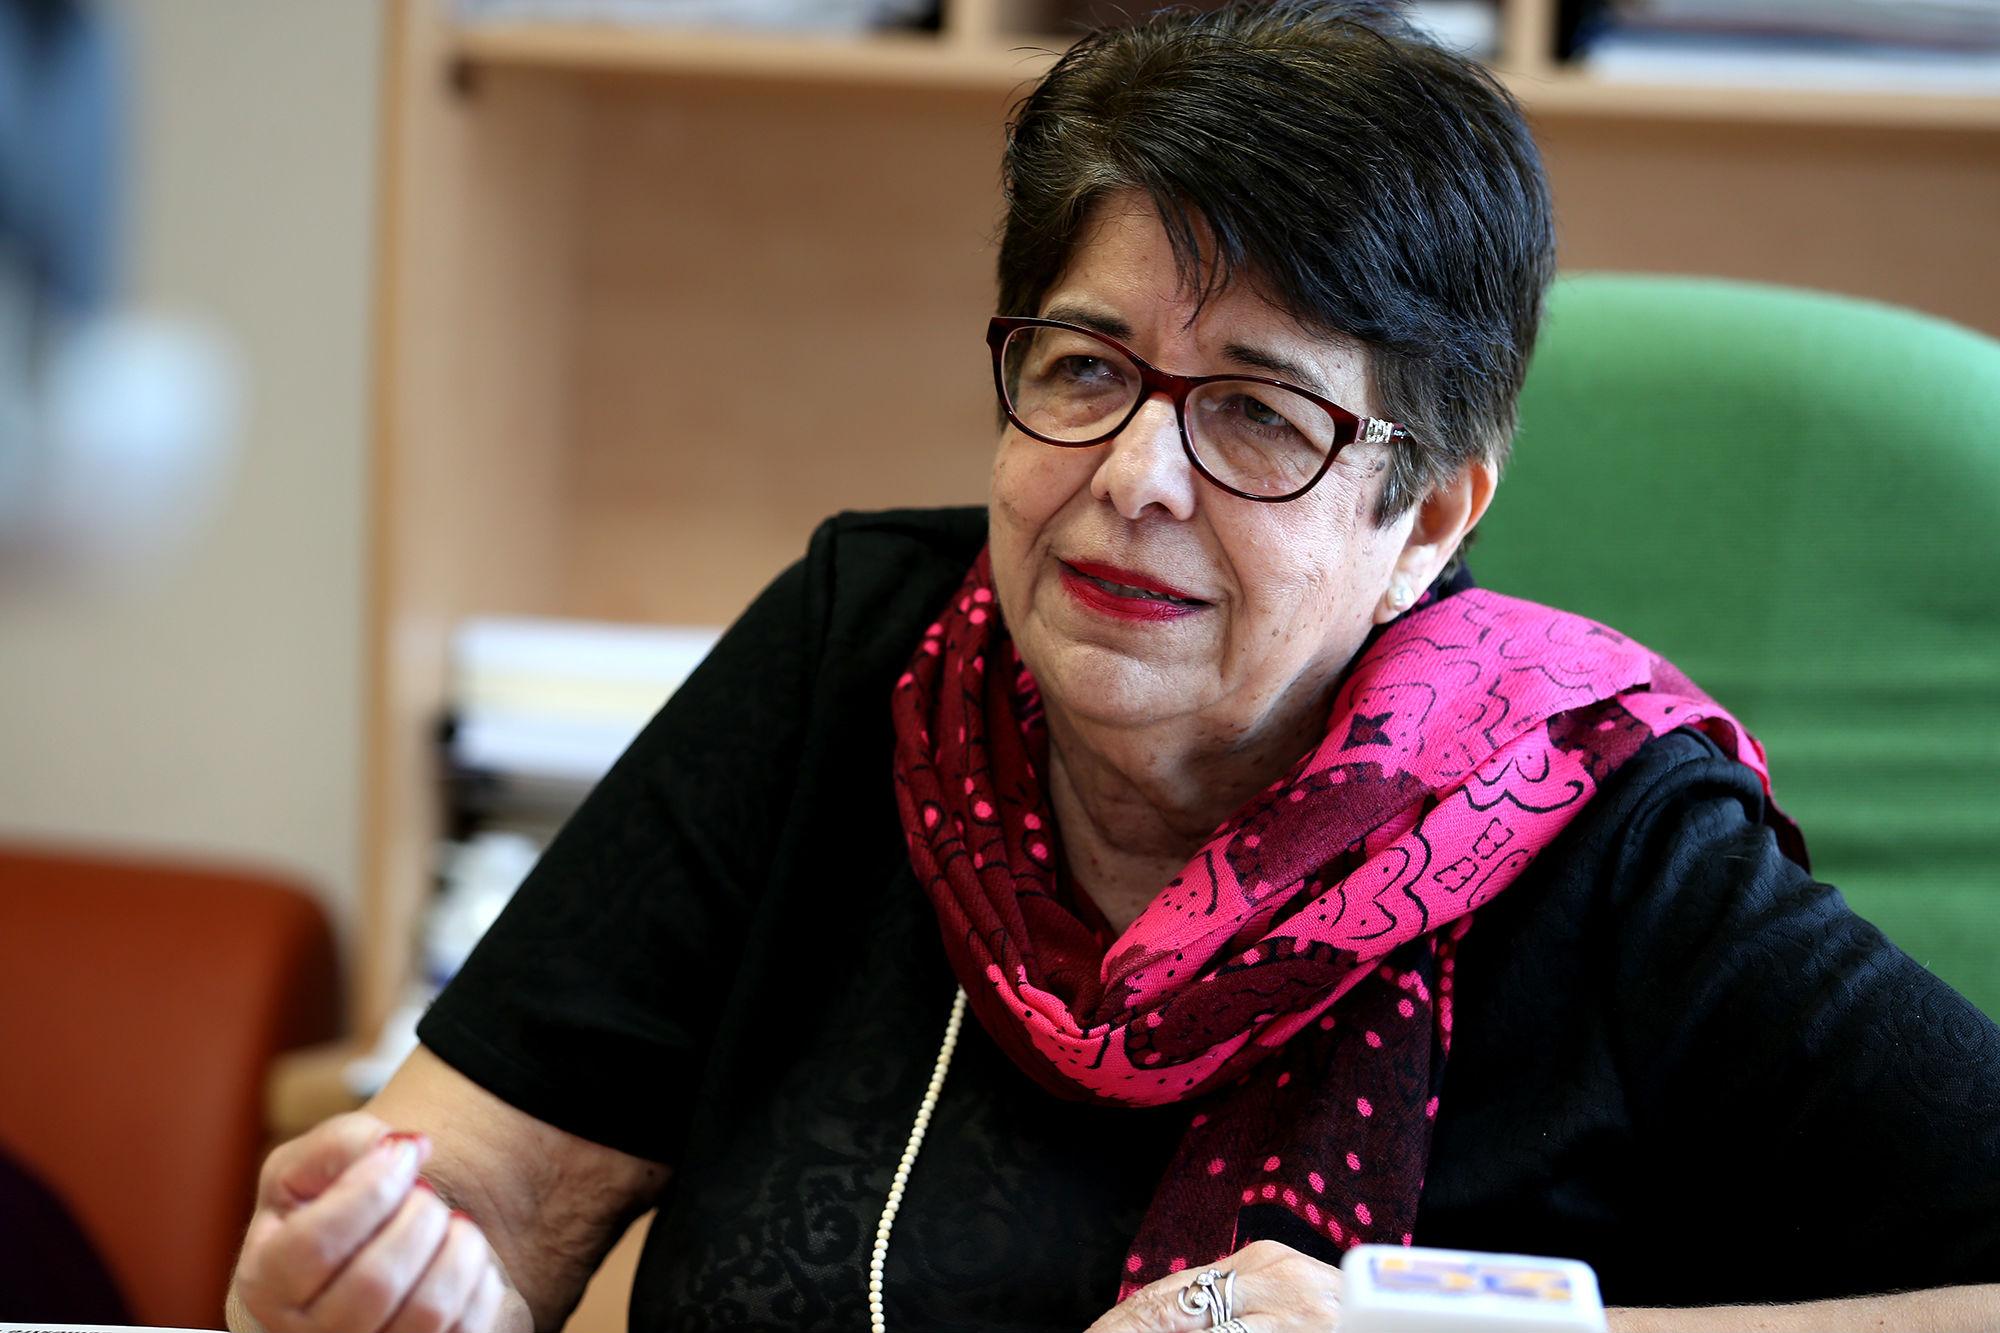 Lídice Ramos Ruiz, Coordinadora del Centro Universitario de Estudios de Género de la Universidad Autónoma de Nuevo León